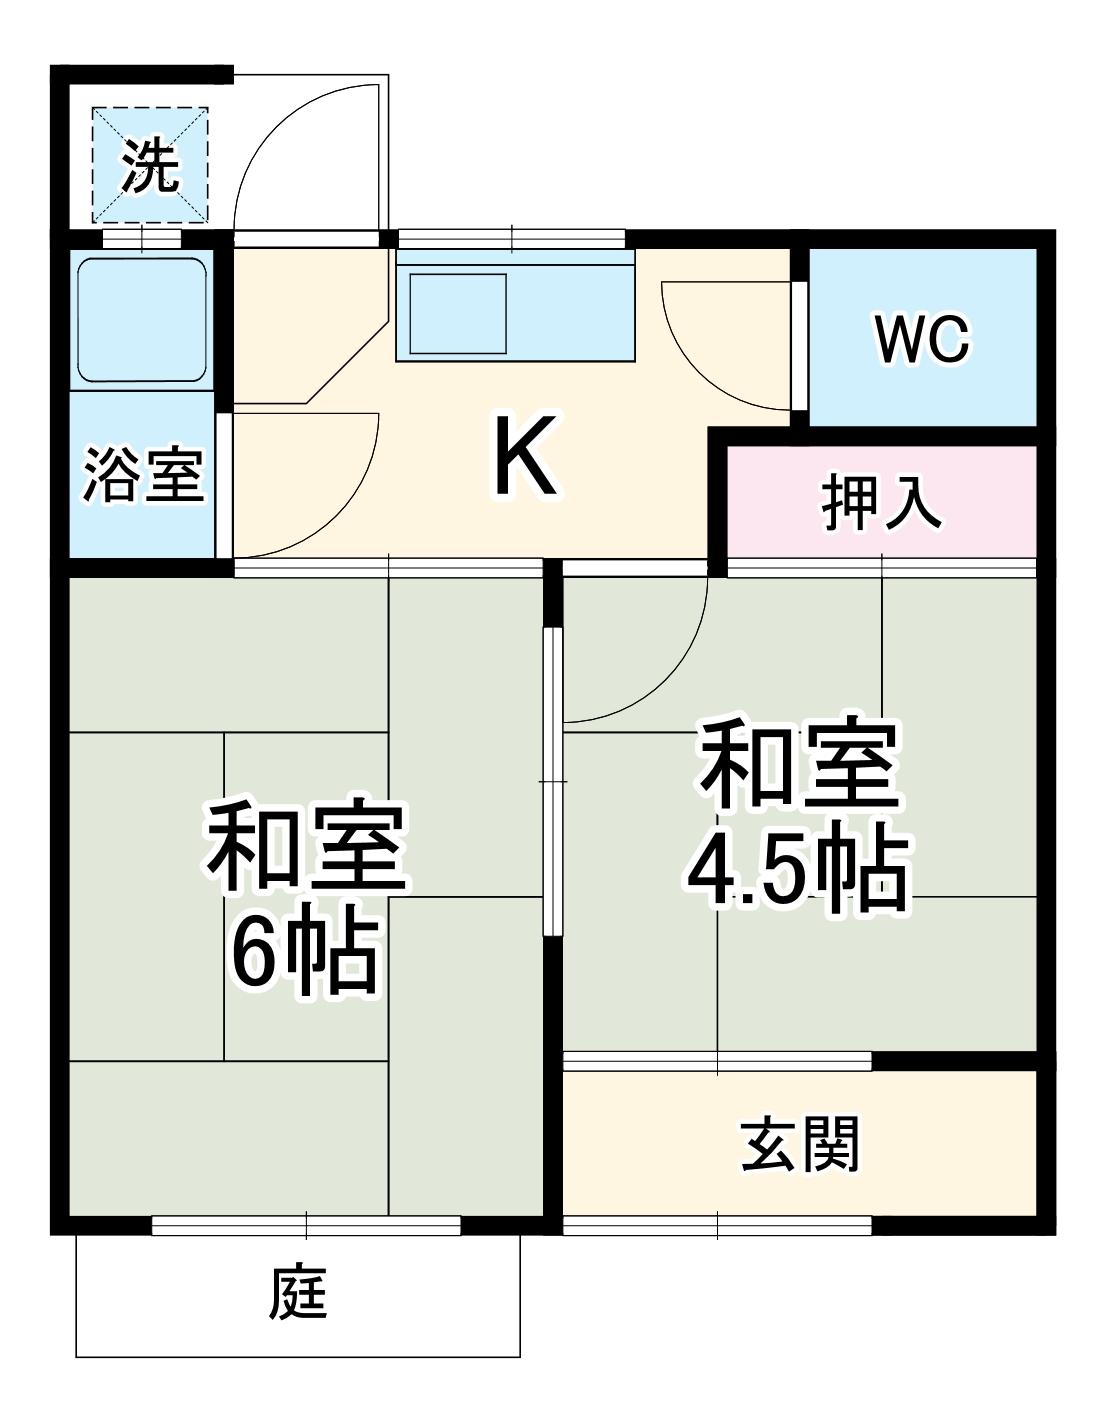 前田様貸家243・10号室の間取り